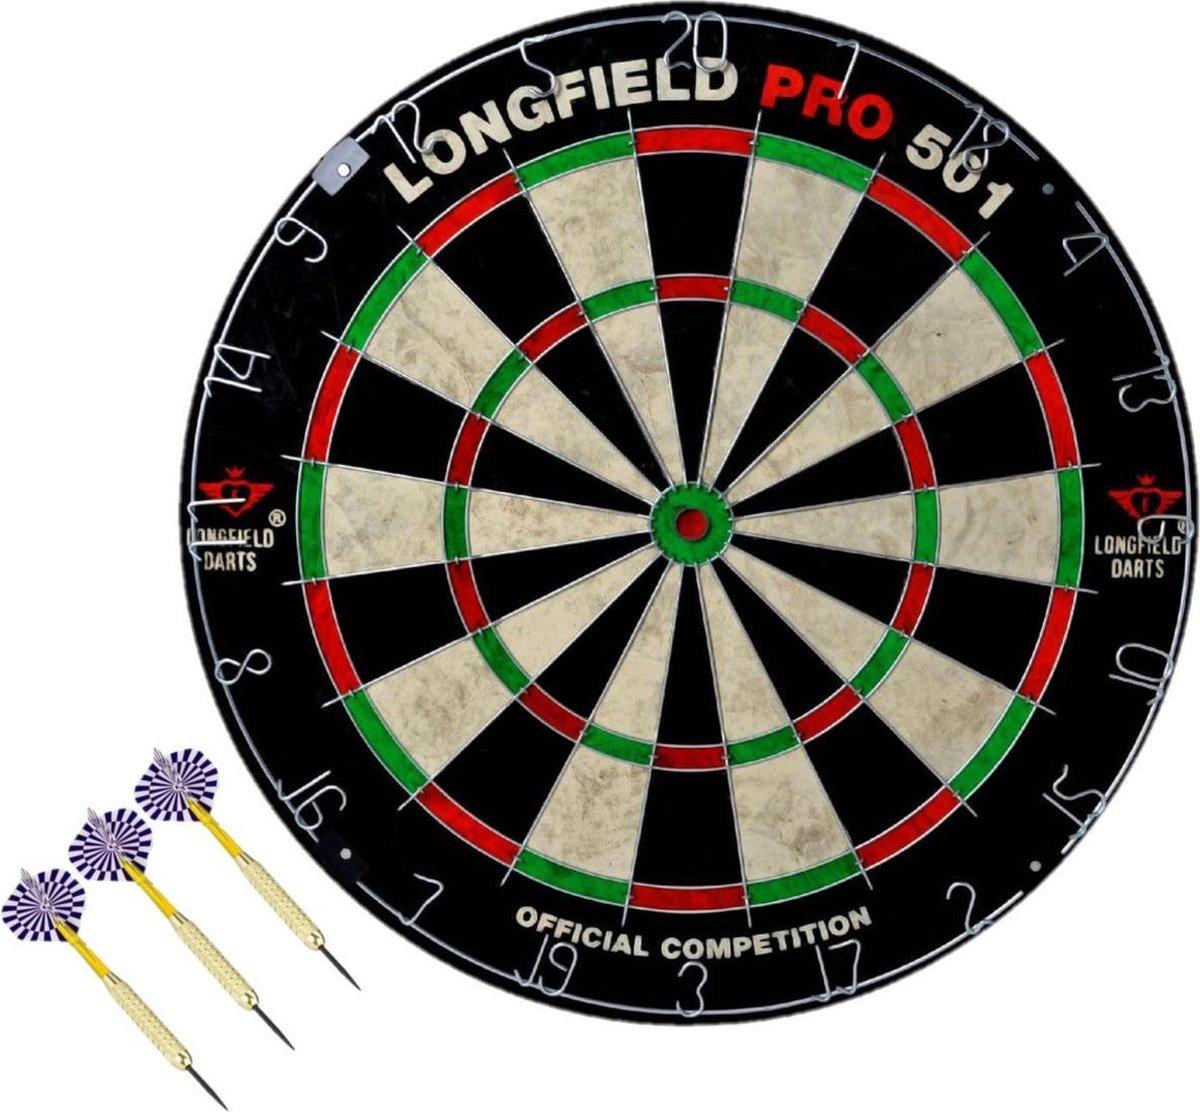 Dartbord set compleet van diameter 45.5 cm met 3x dartpijlen van 23 gram - Longfield professional - Darten